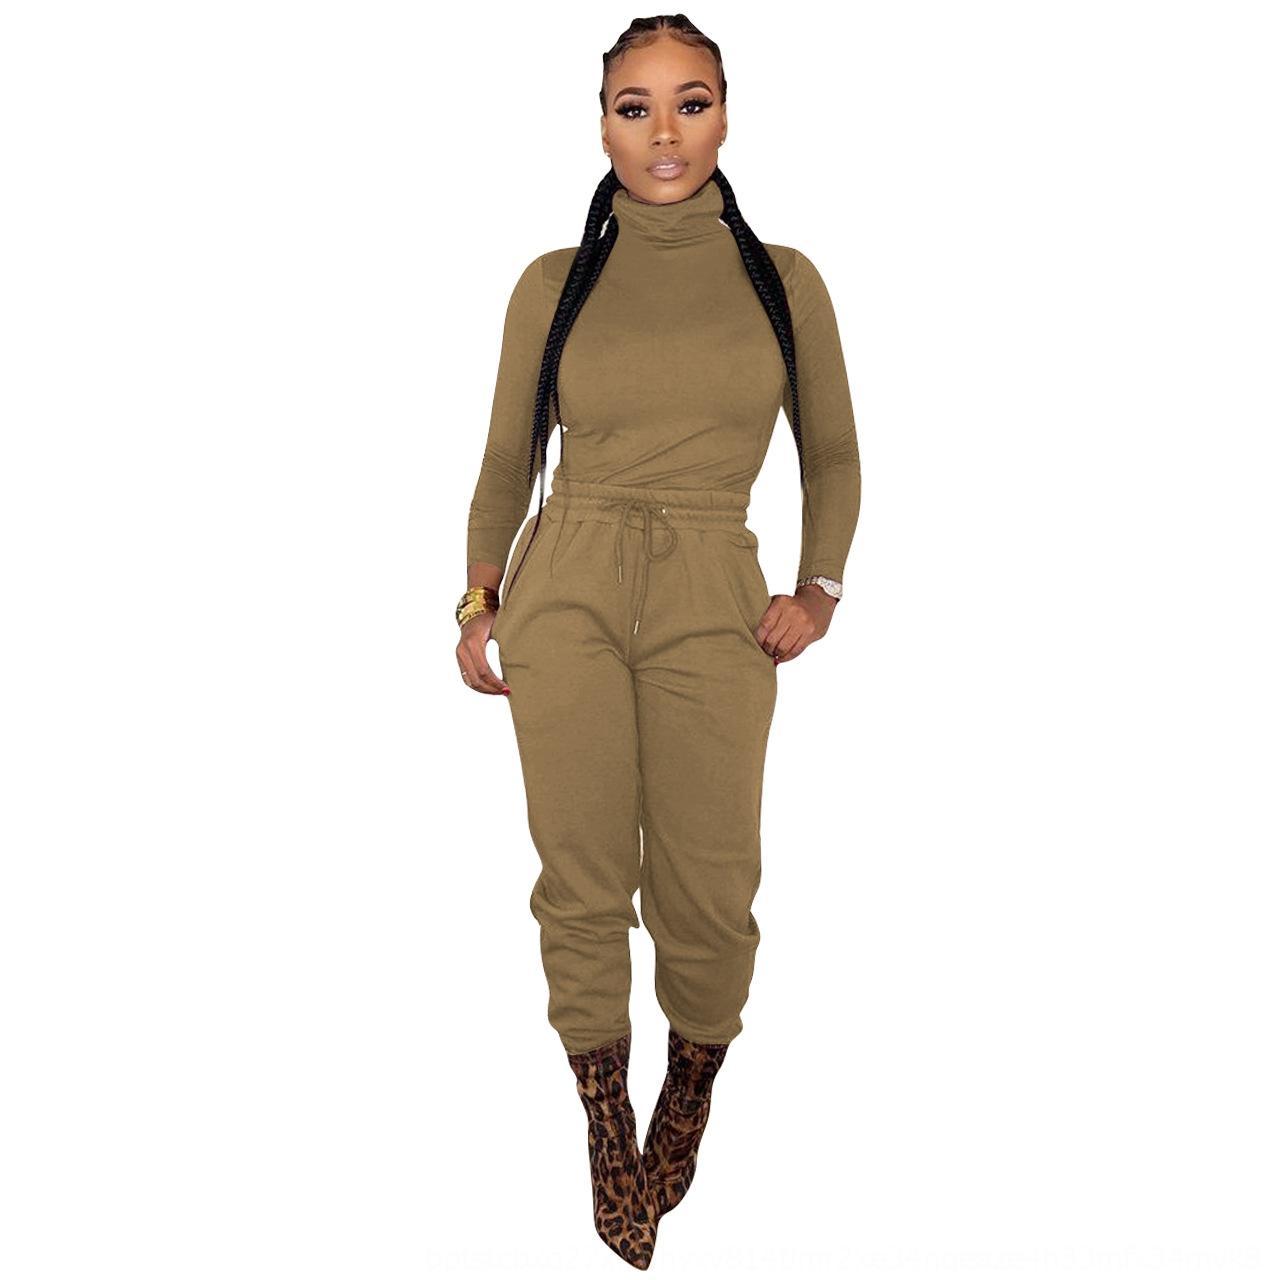 UBFW PLUS Размер XL-5XL Женщины Couscsuit Сплошной Цвет 2 Шт. Набор Одежда Рукав Рукав + Леггинсы Спортивные Длинные Суис осень Winter Jogger Outifits 37